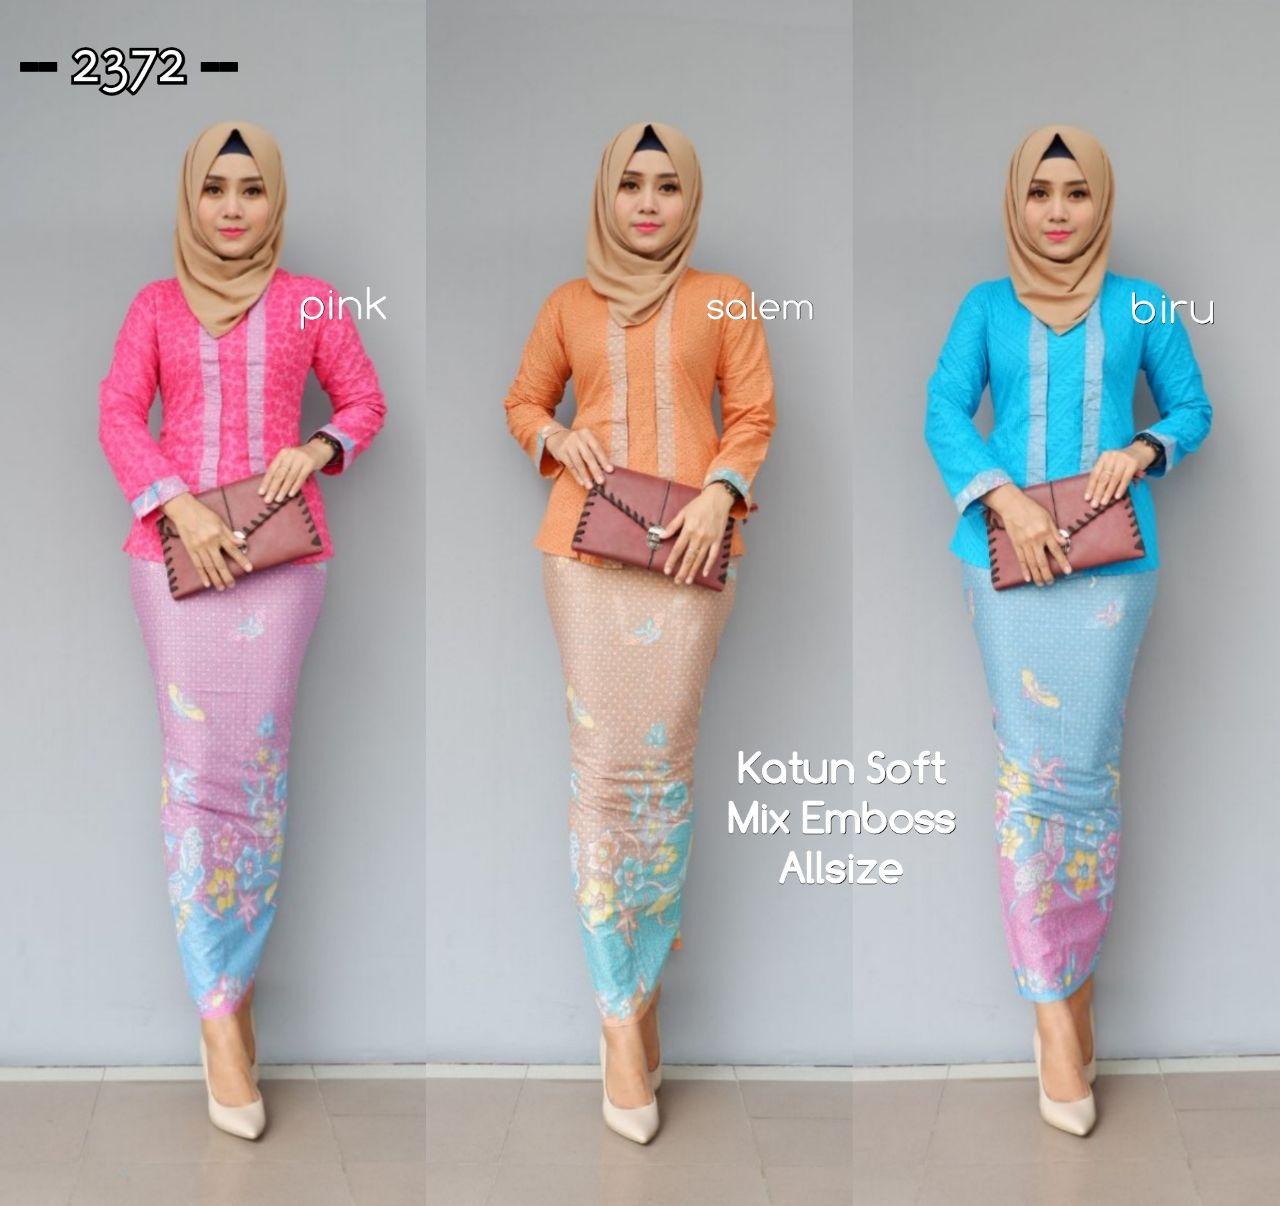 Top 10 Punto Medio Noticias Model Baju Batik Rok Blus Terbaru